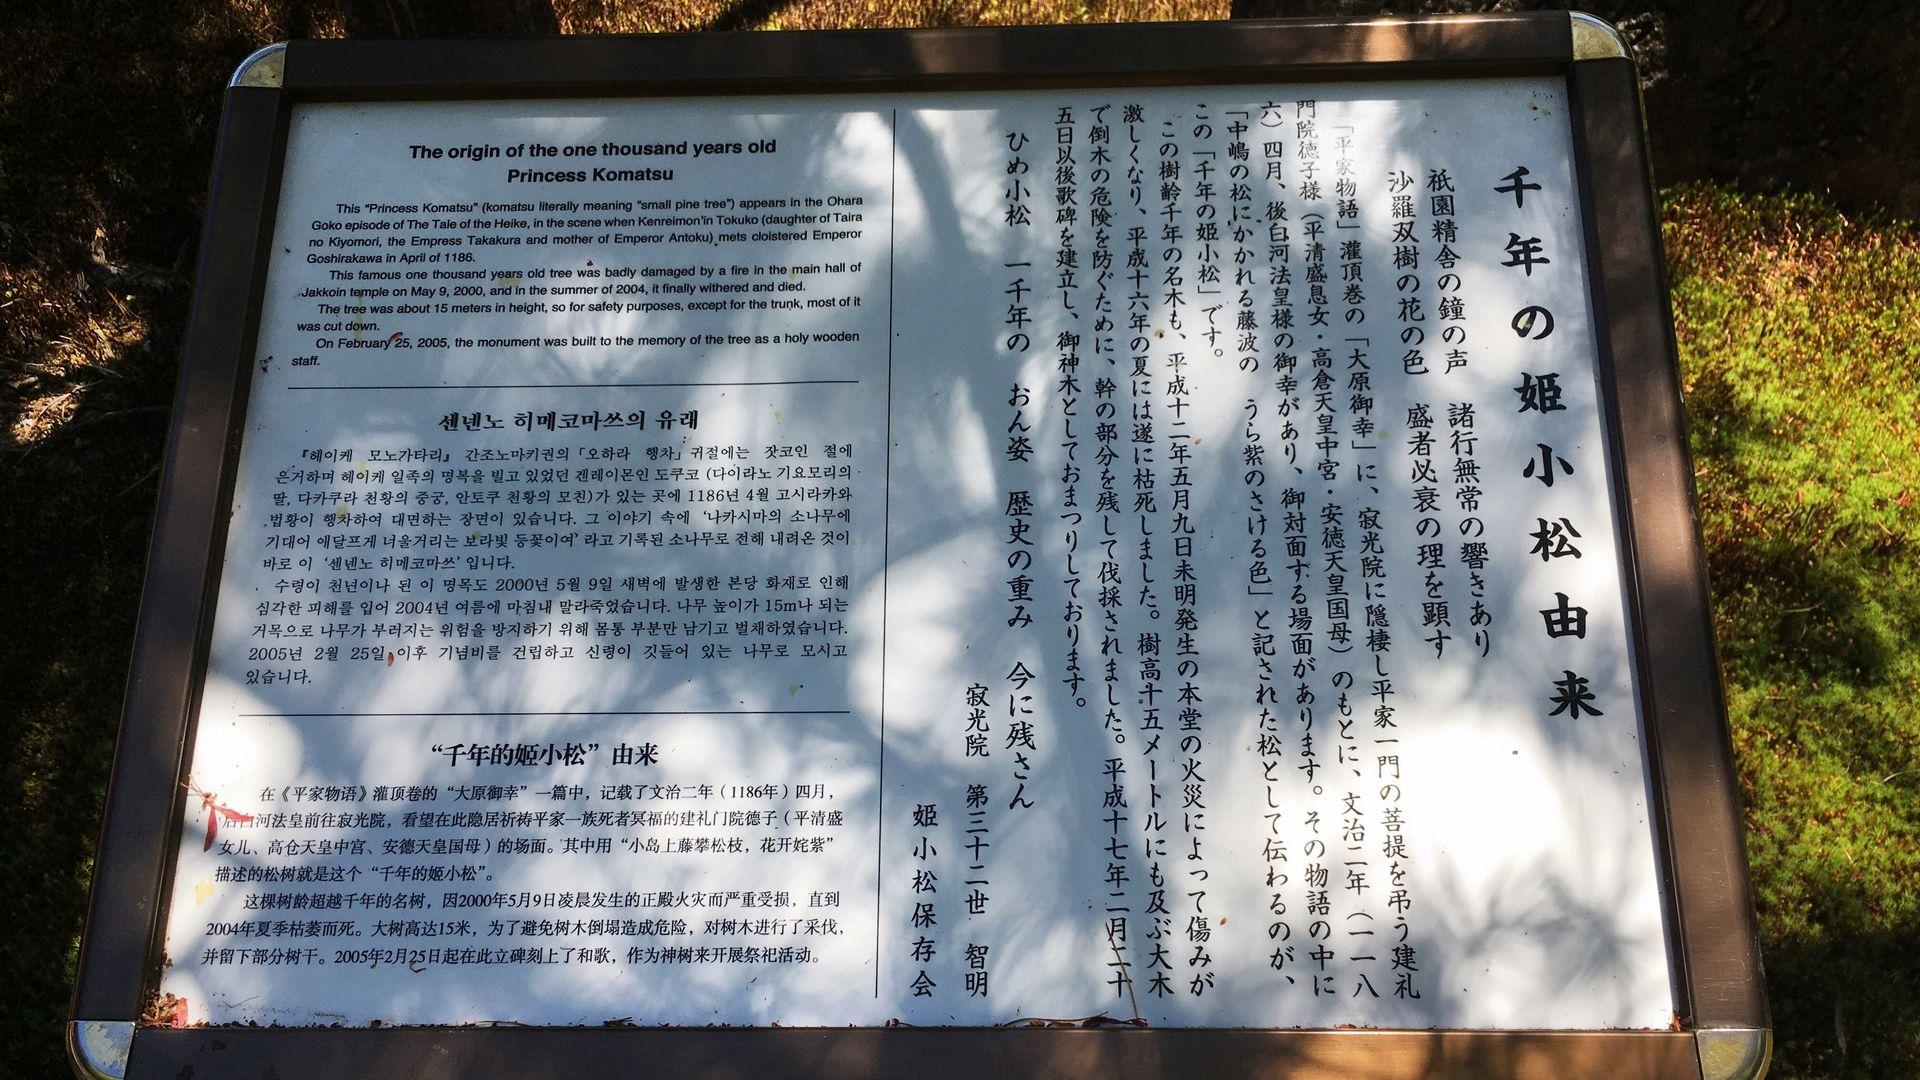 寂光院-千年姫子松の紹介文